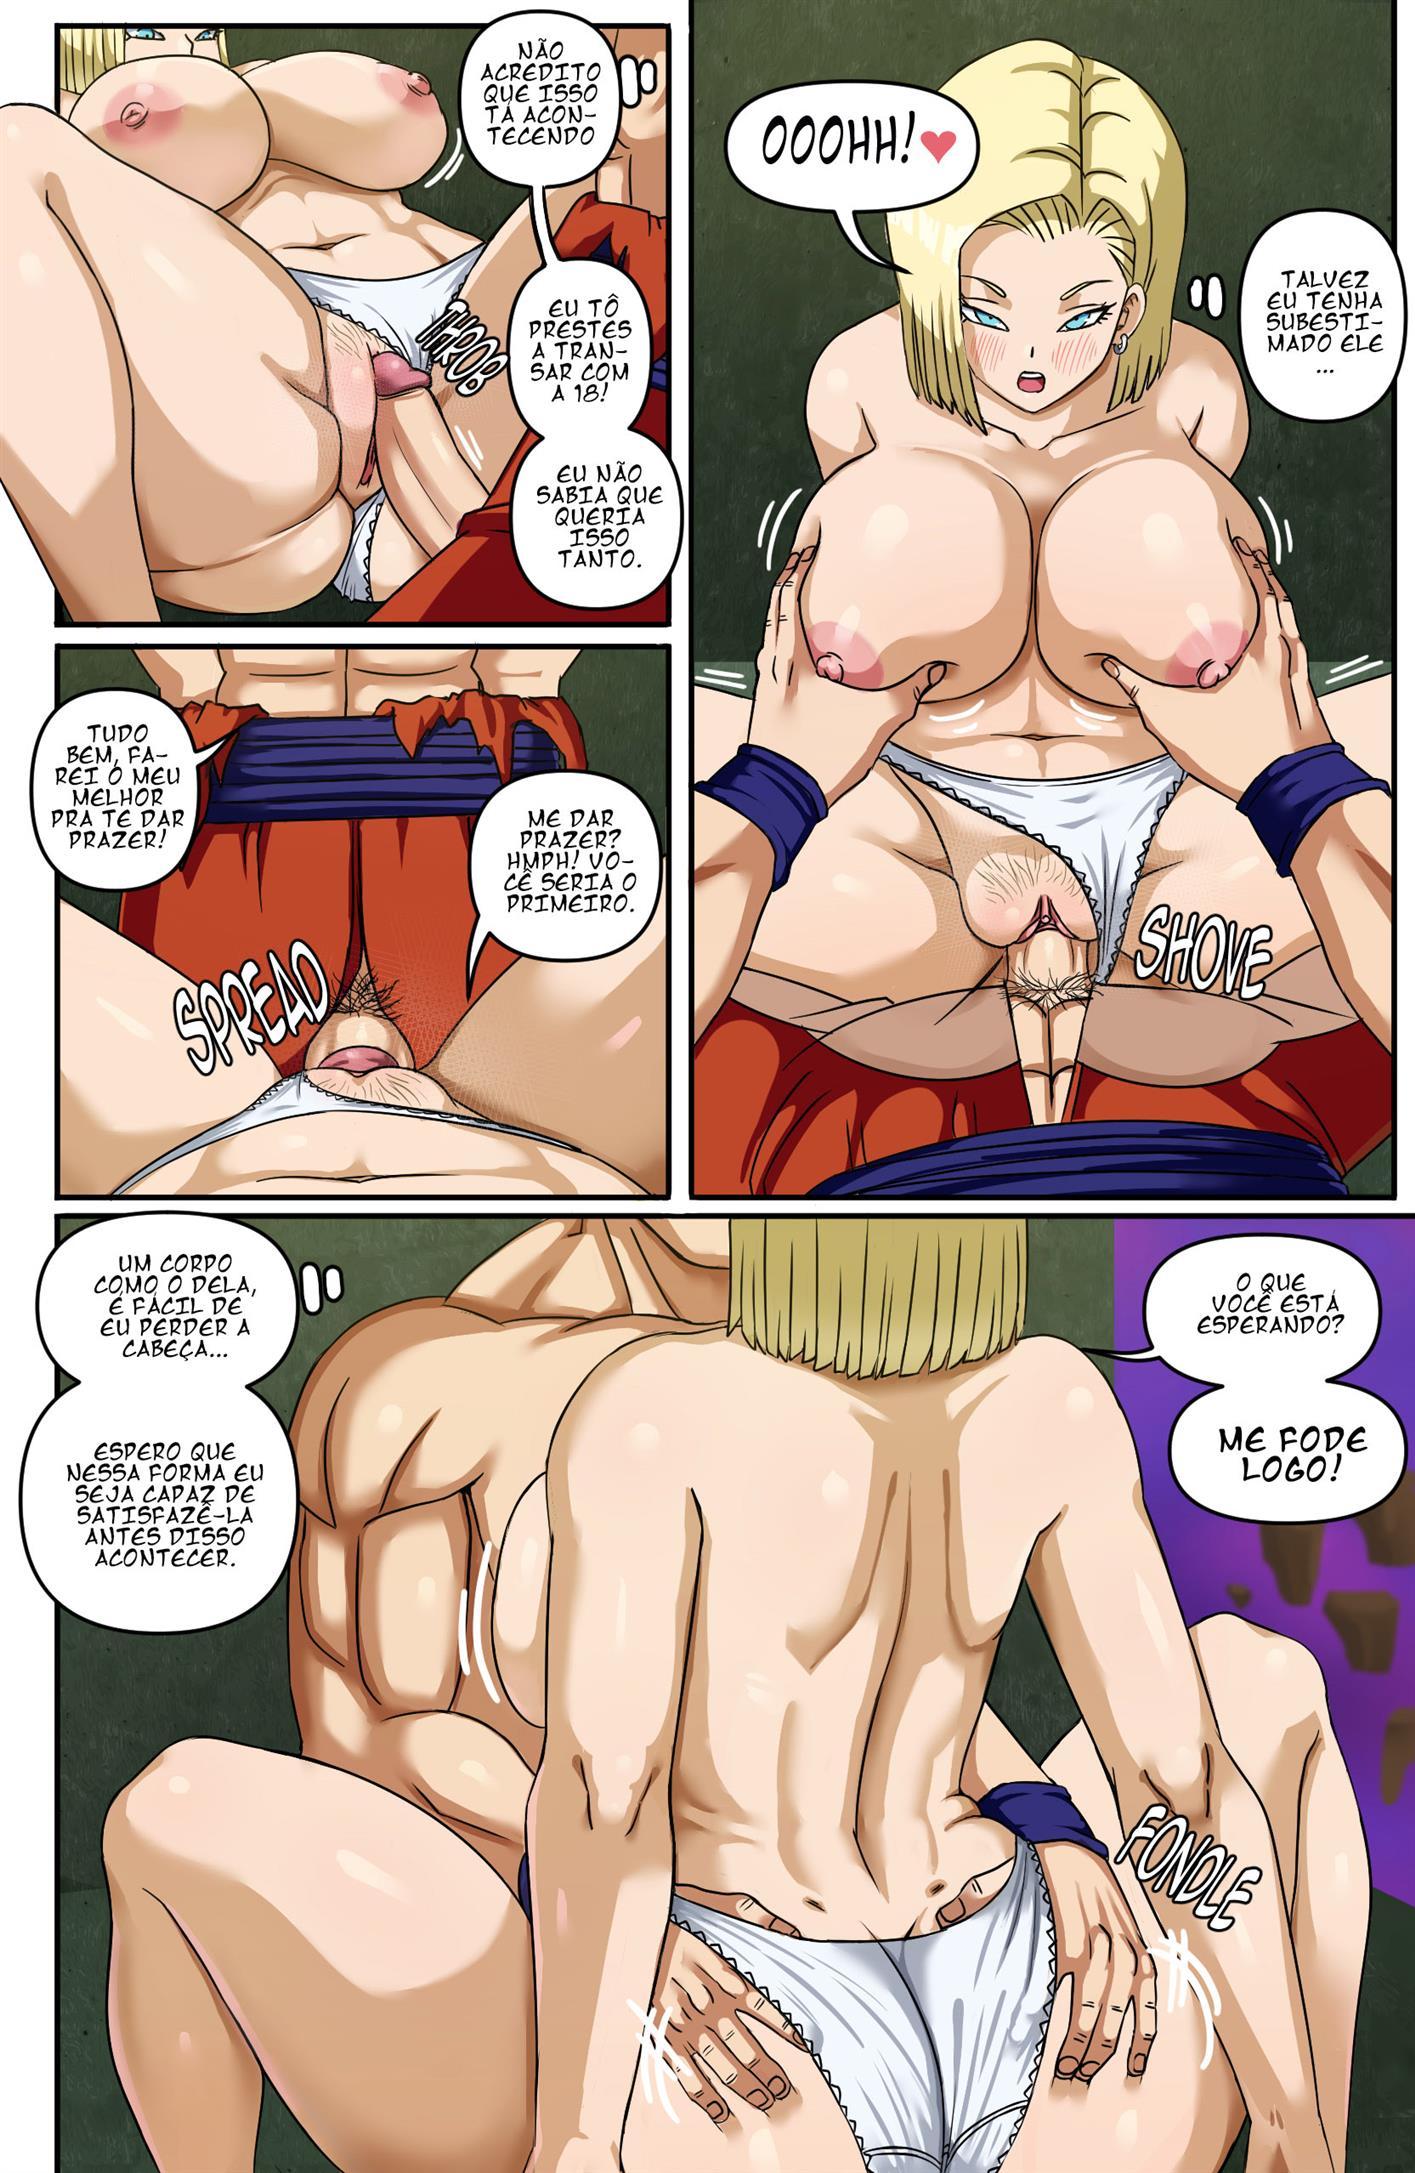 Número 18 ataca o virgem do Gohan 02